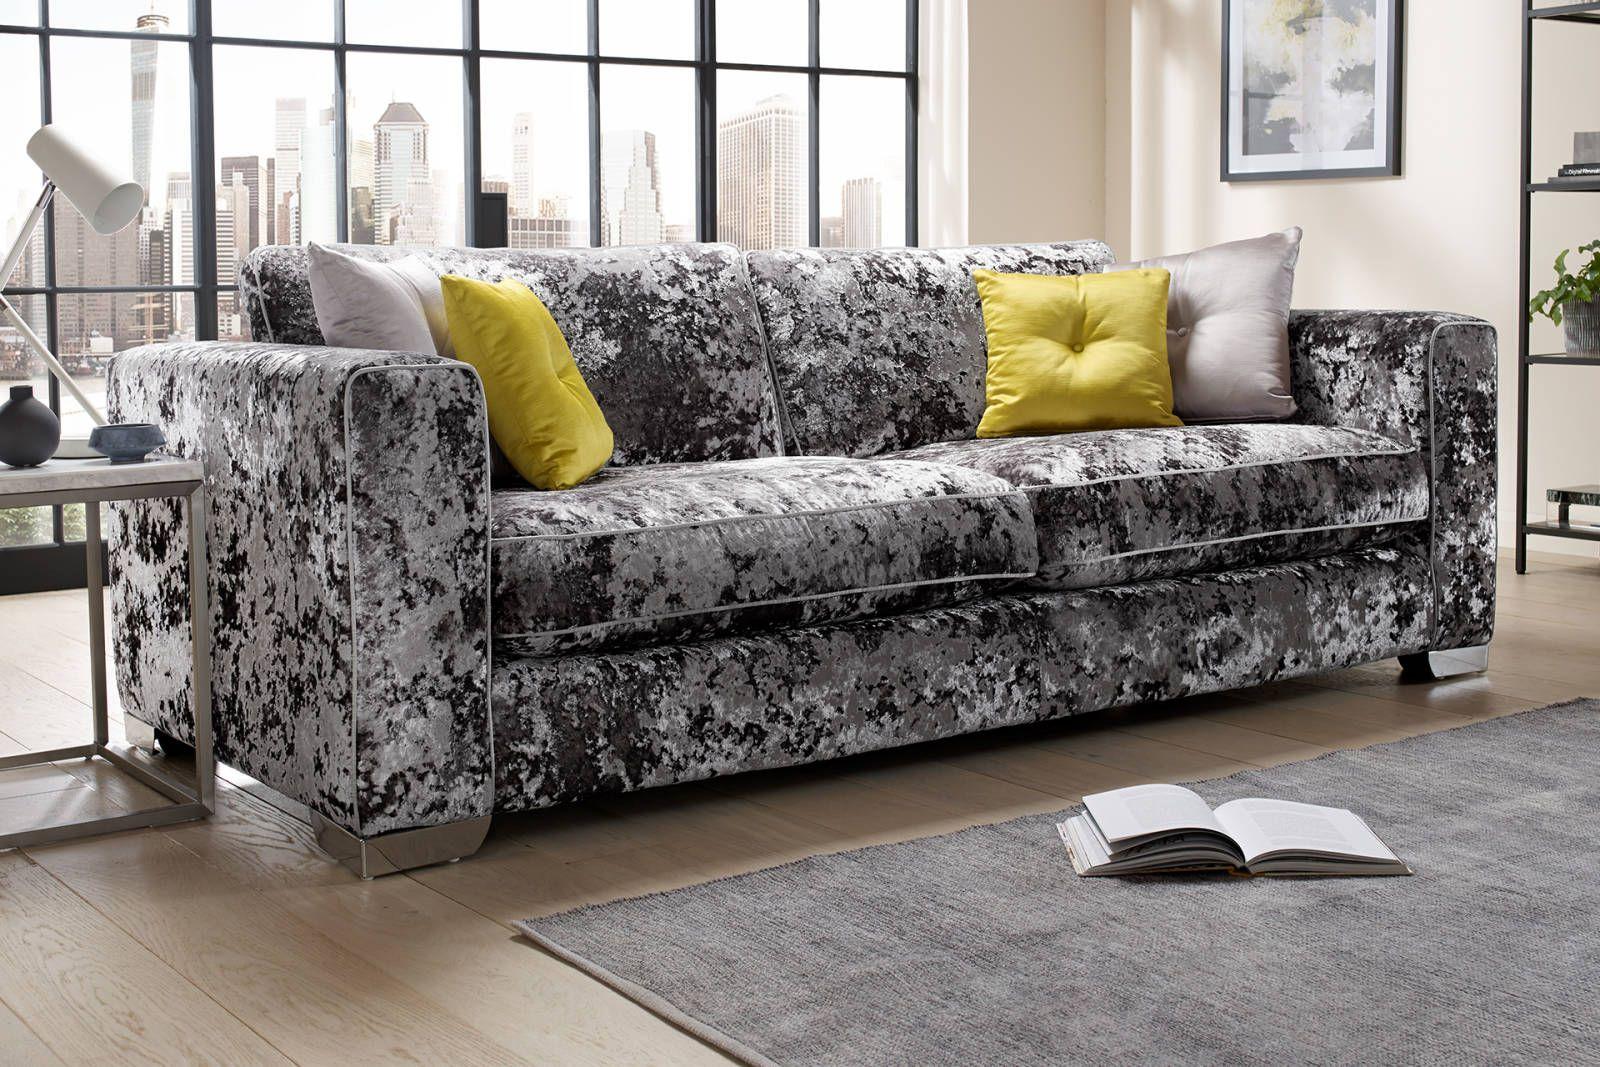 Glastonbury Sofology Crushed Velvet Sofa Sofa Fabric